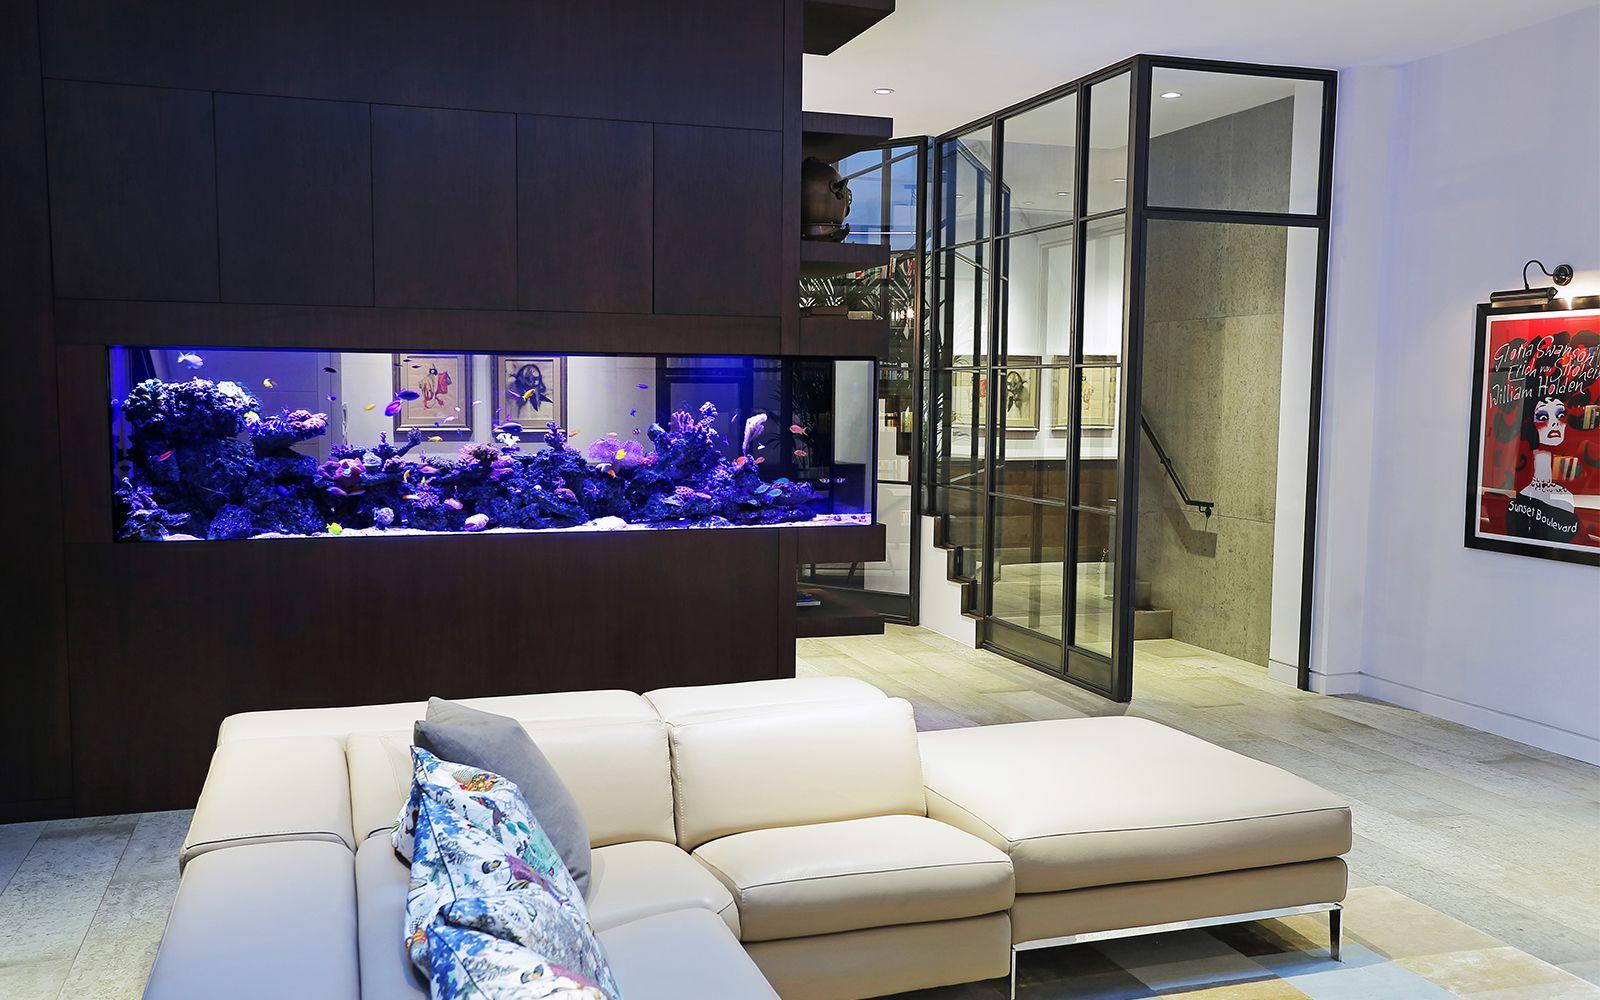 аквариум в однокомнатной квартире фото того